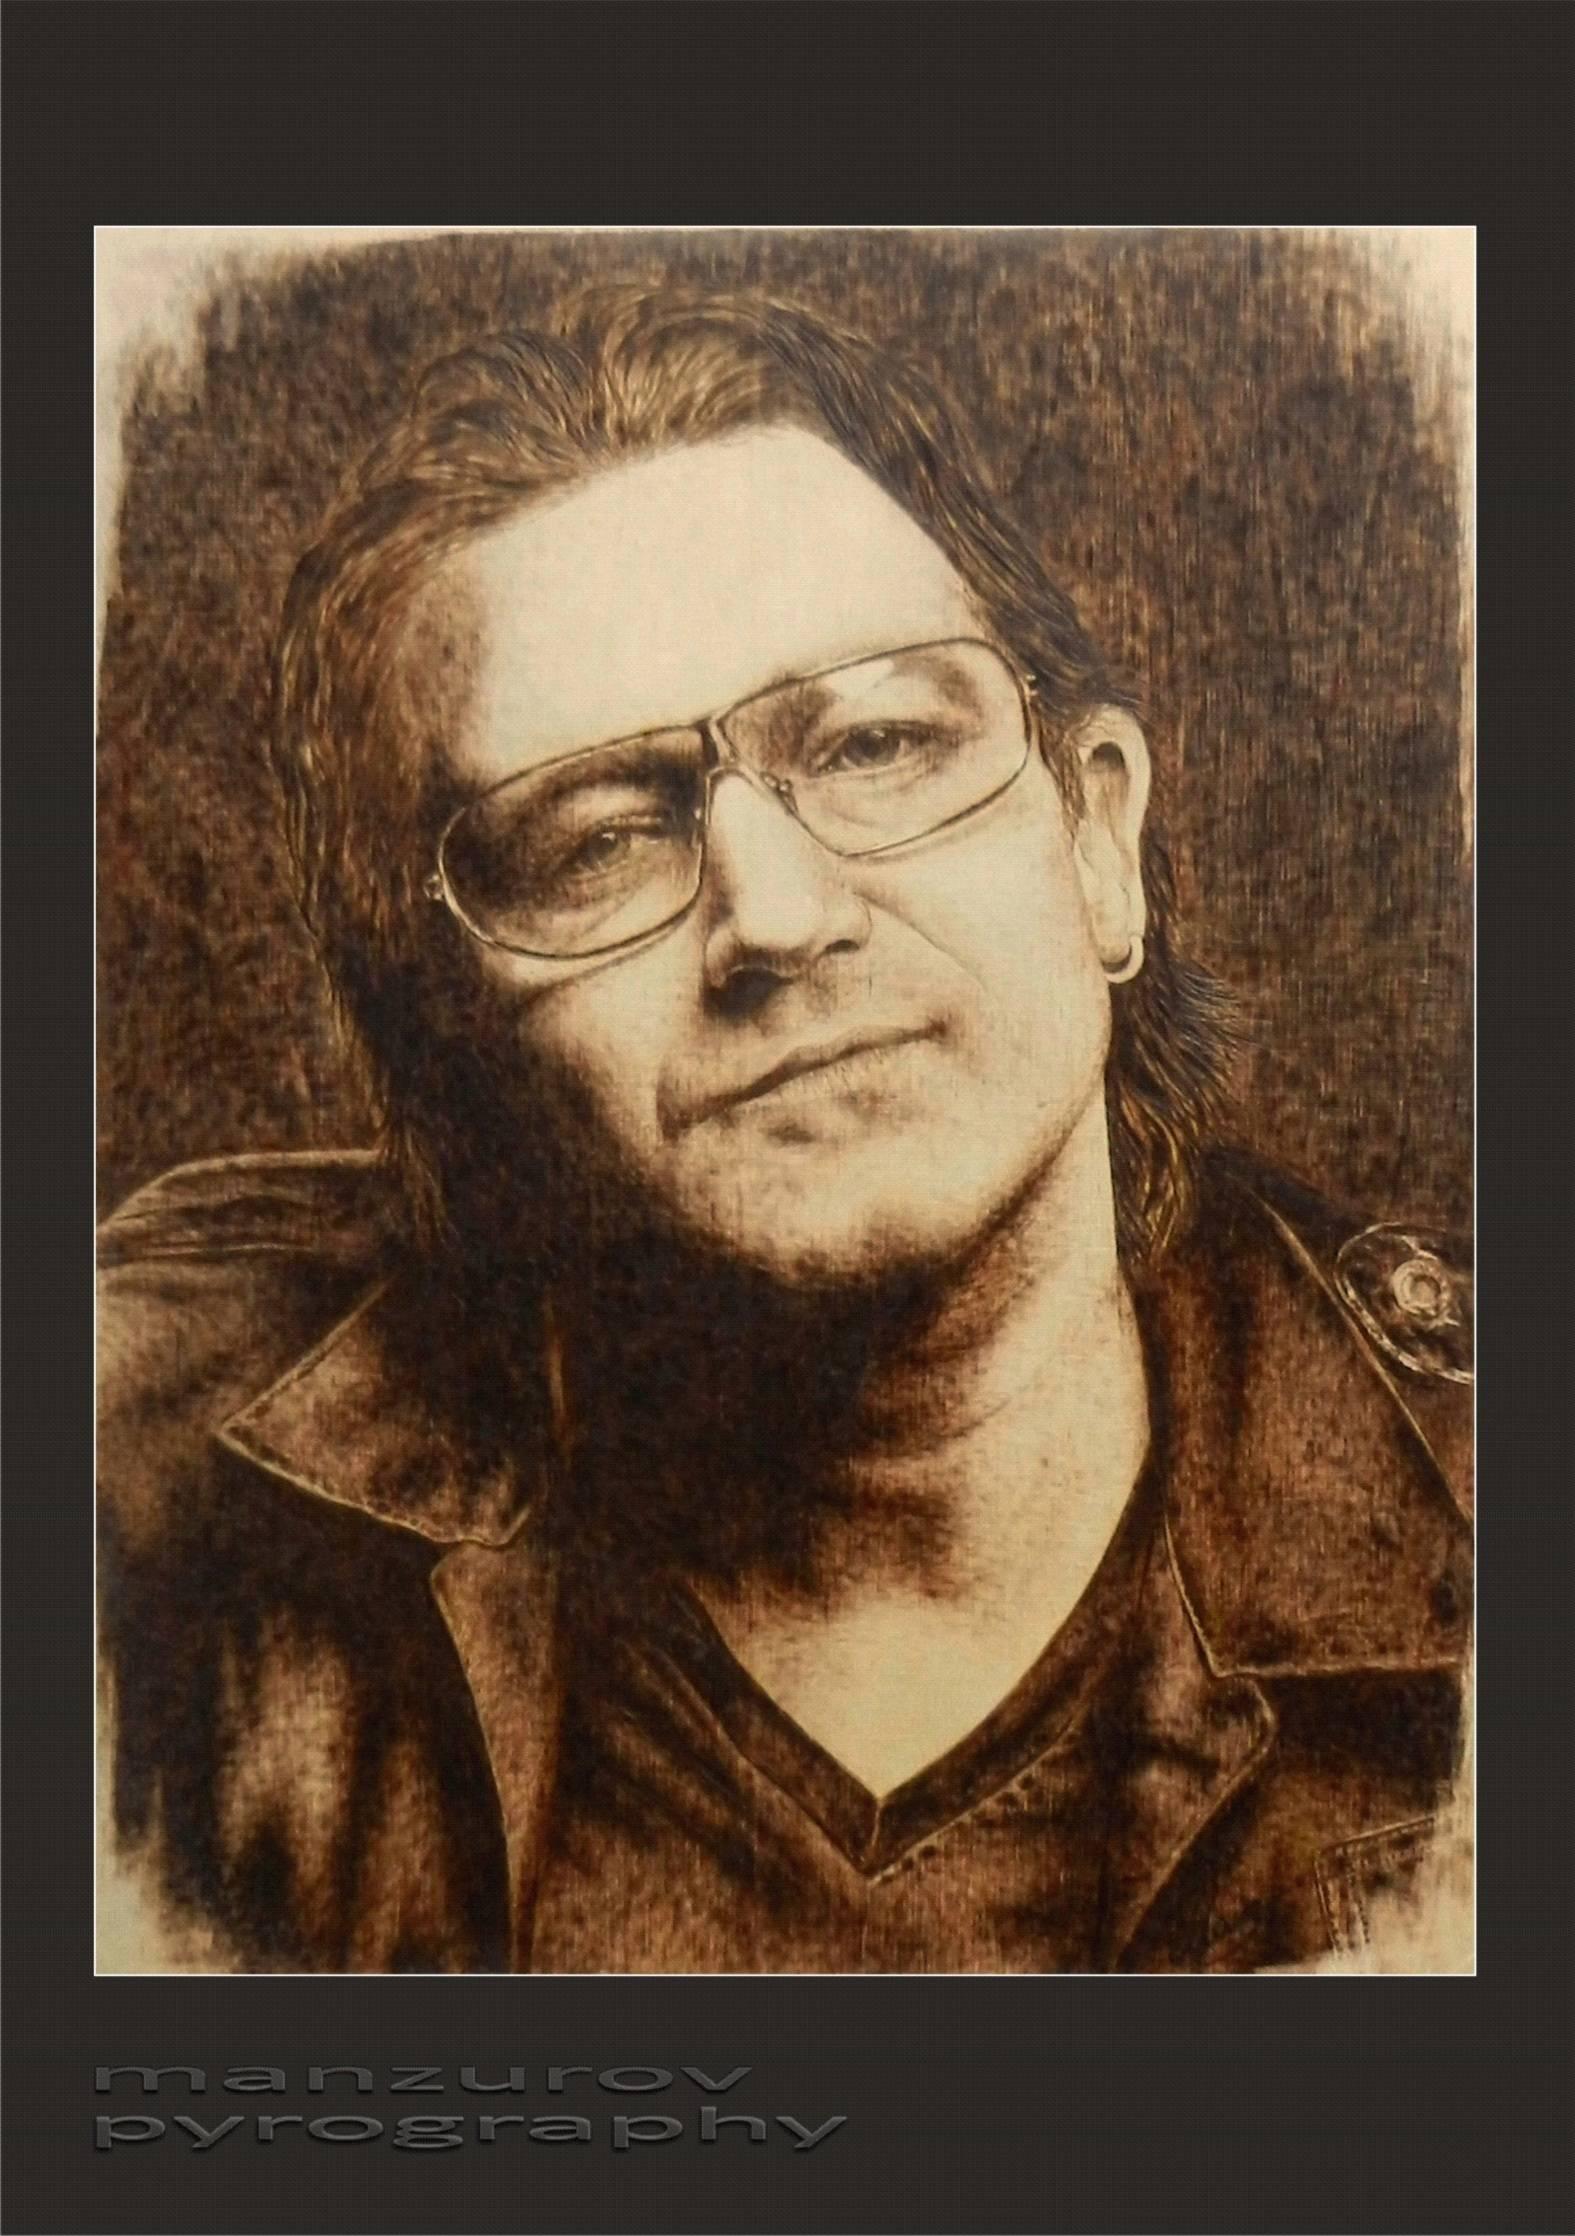 Bono. Пирография, березовая фанера, матовый лак. Размер 28х45см